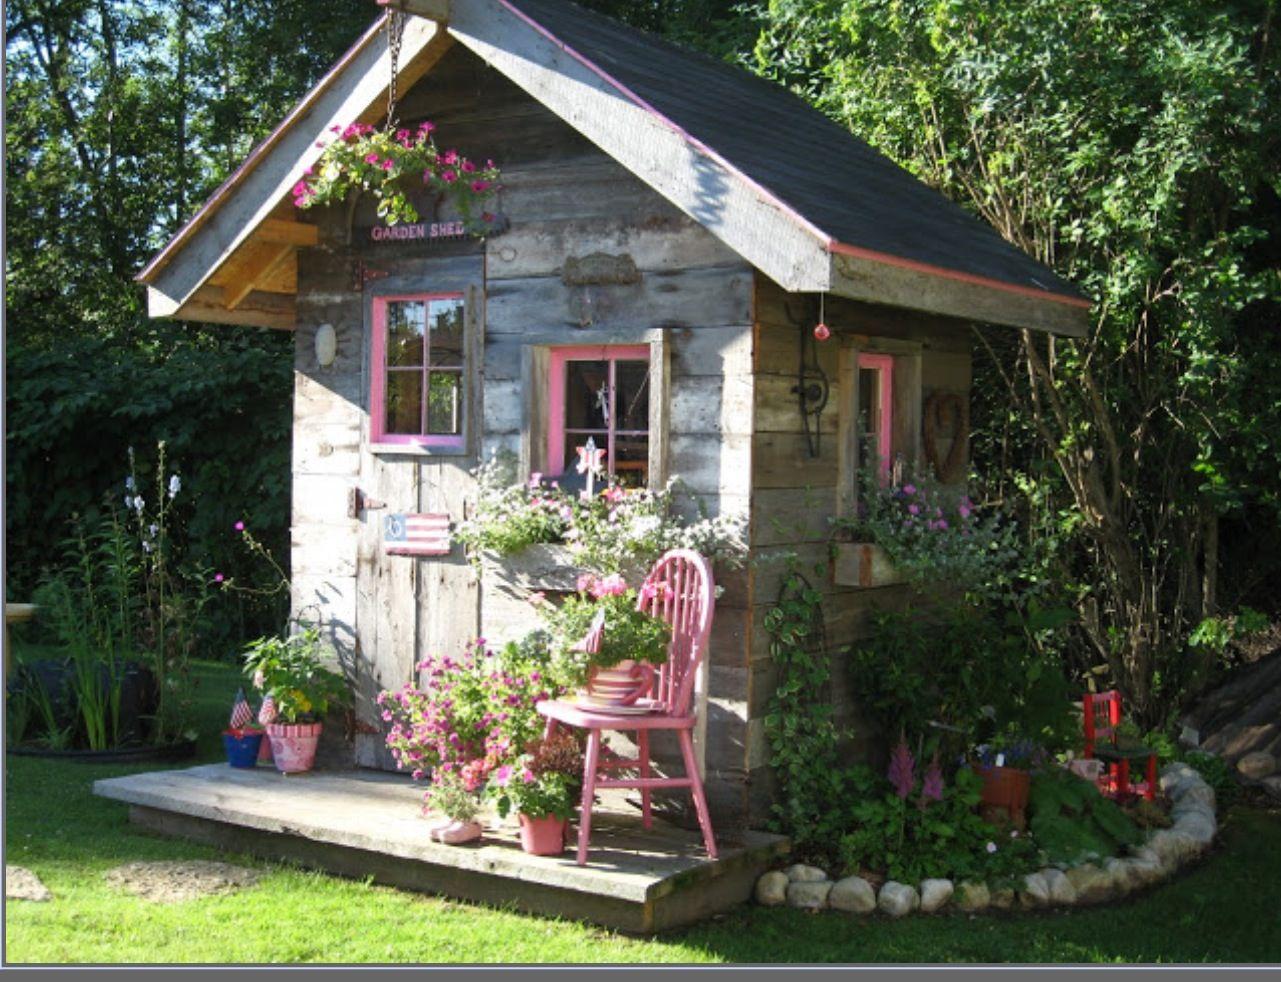 Casita cosas bonitas pinterest casitas casas y jard n for Casitas con jardin